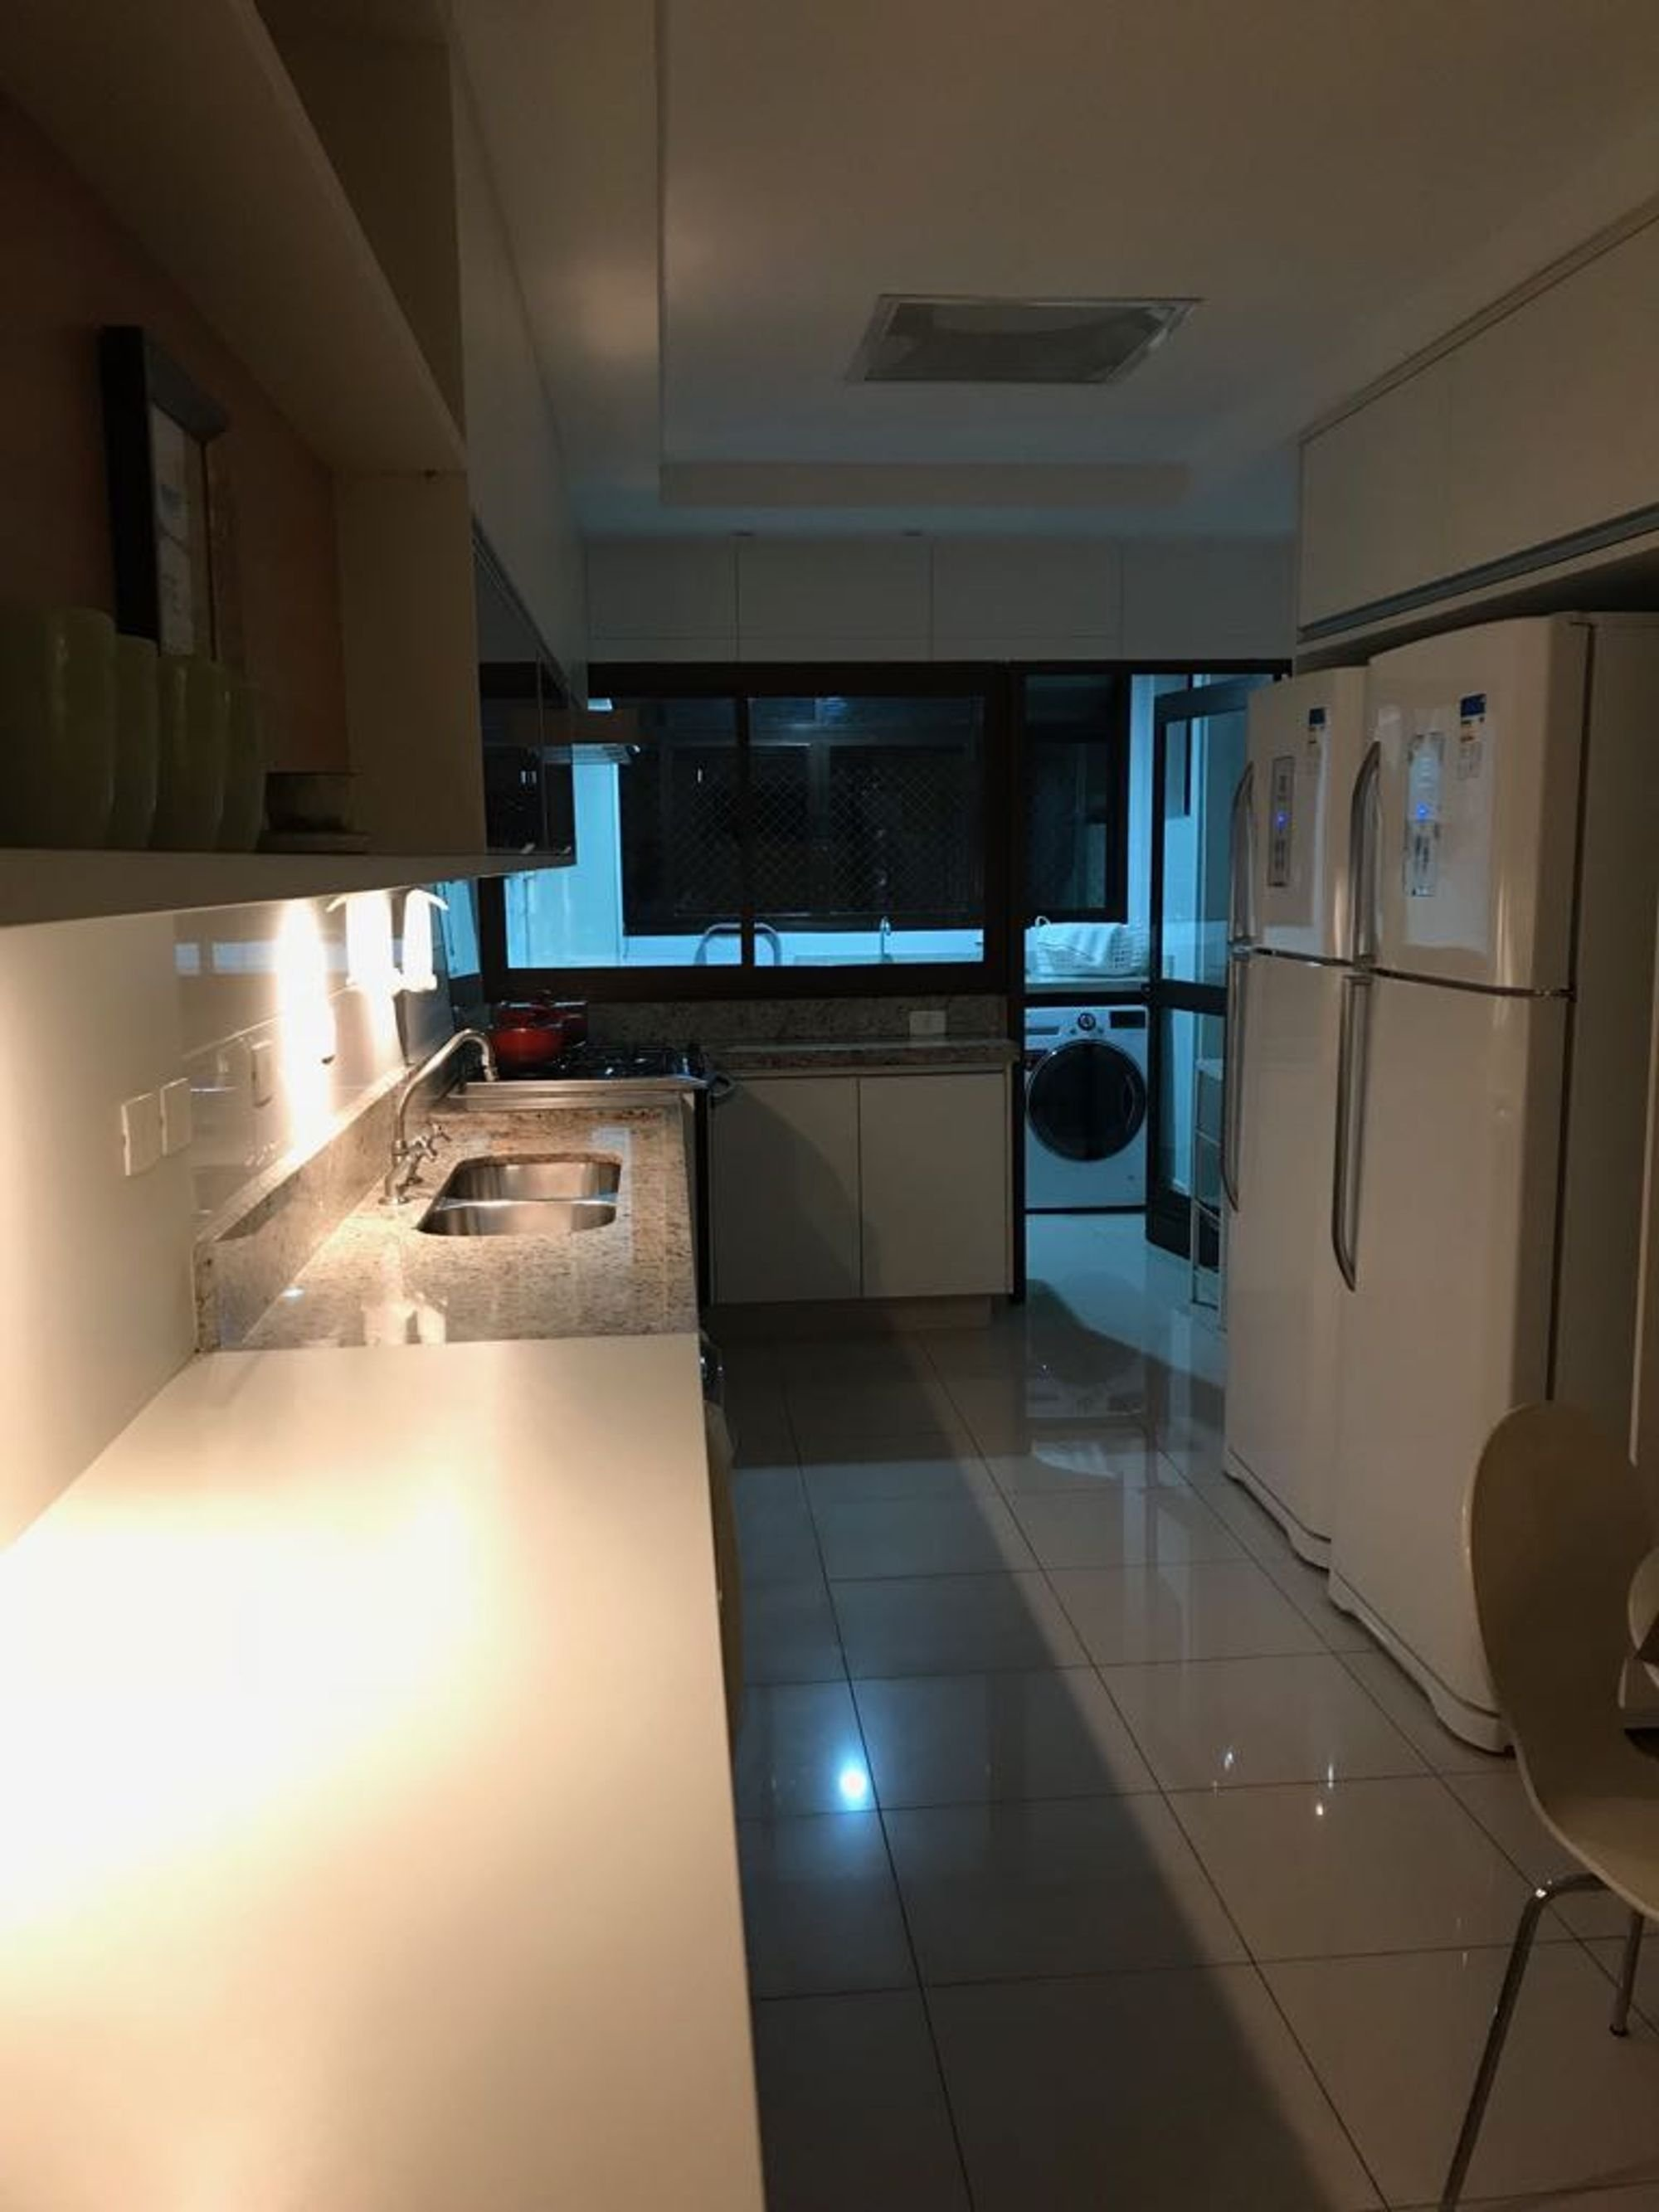 Foto de Cozinha com tigela, geladeira, cadeira, pia